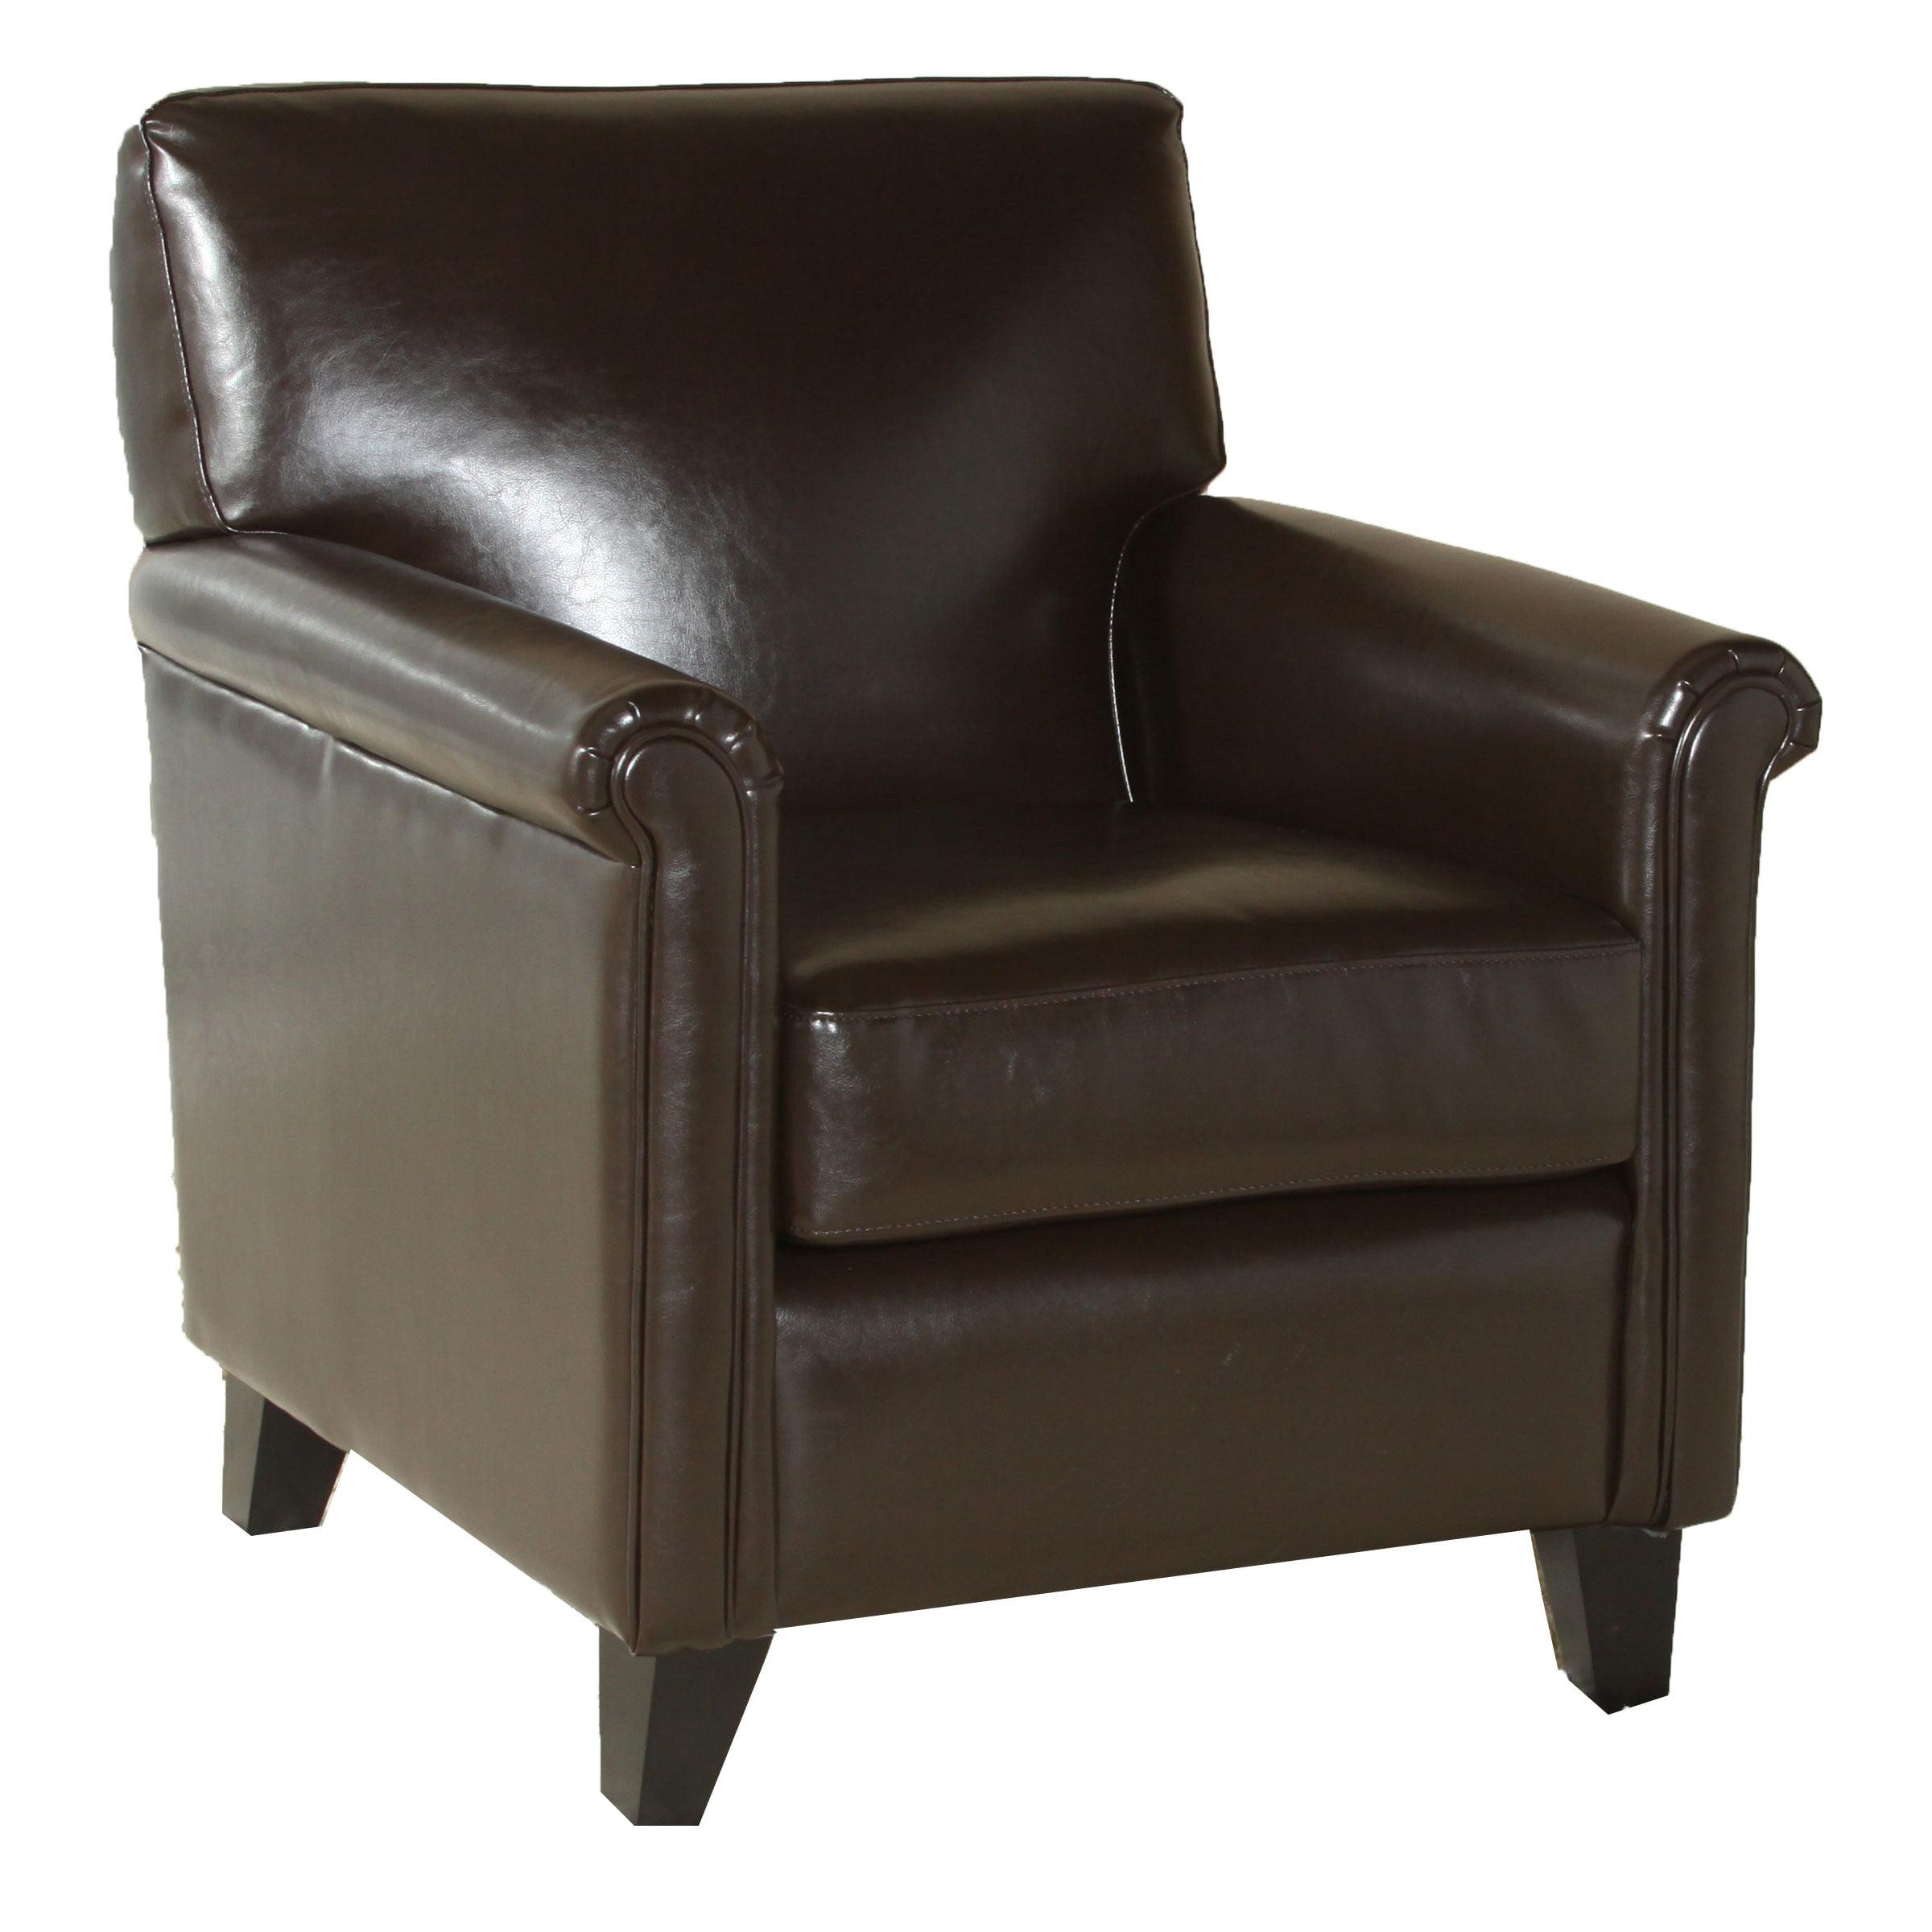 Loretto Espresso Bonded Leather Club Chair